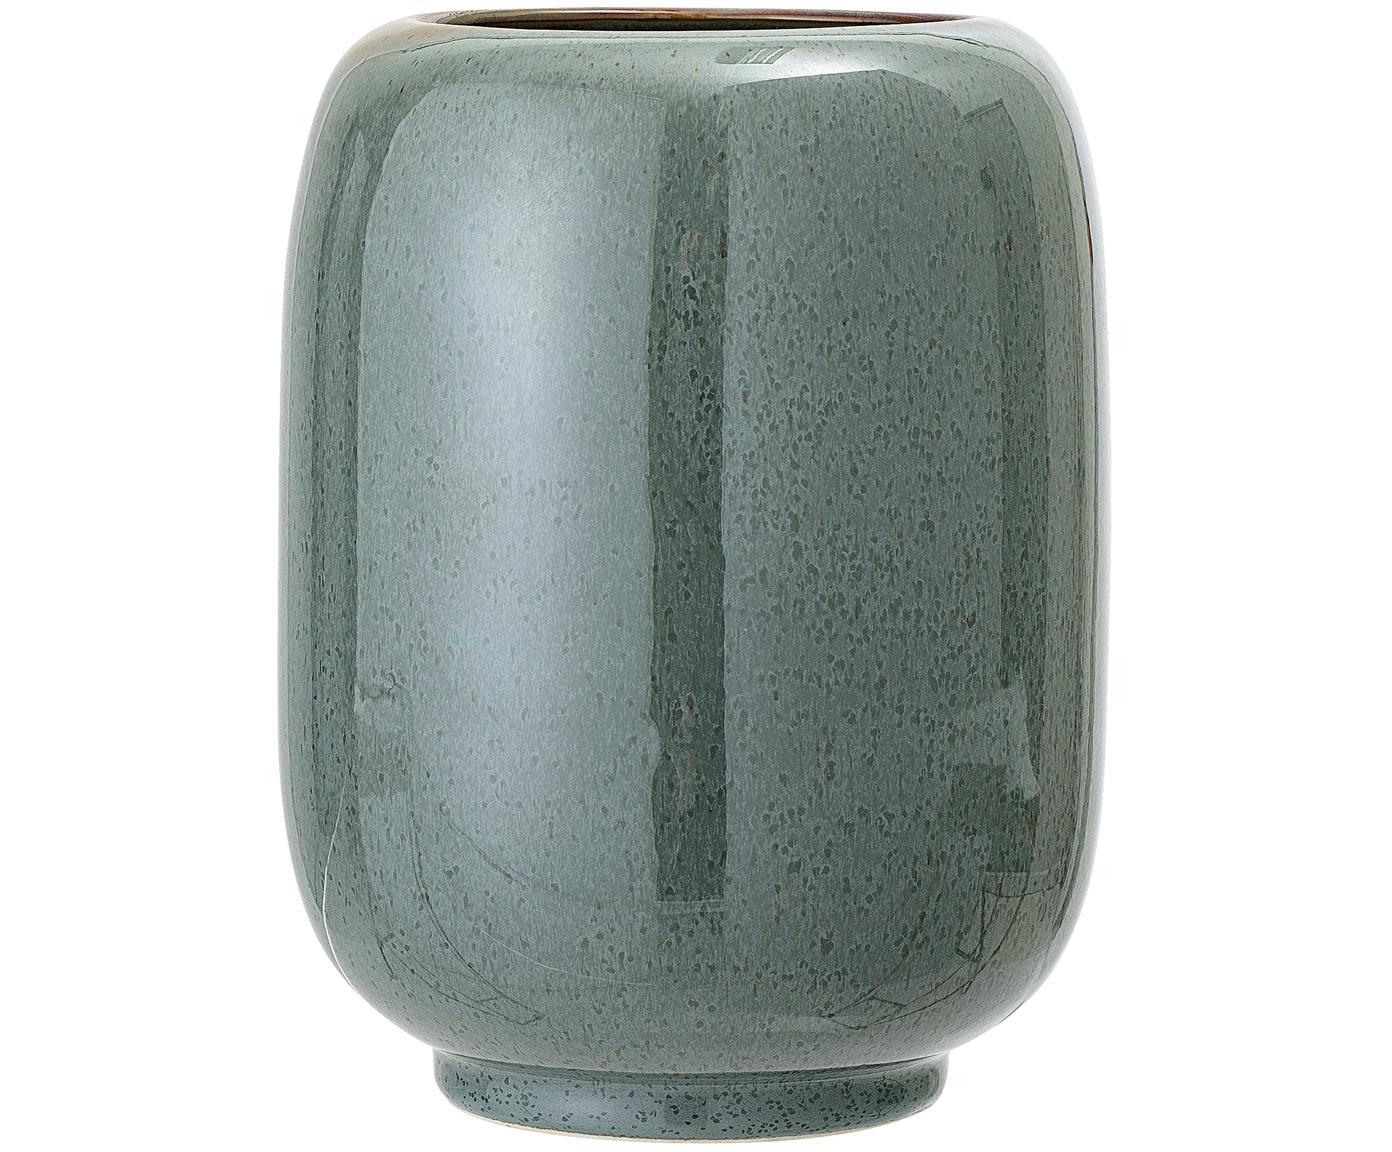 Wazon z ceramiki Verena, Ceramika, Zielony, brązowy, Ø 14 x W 18 cm